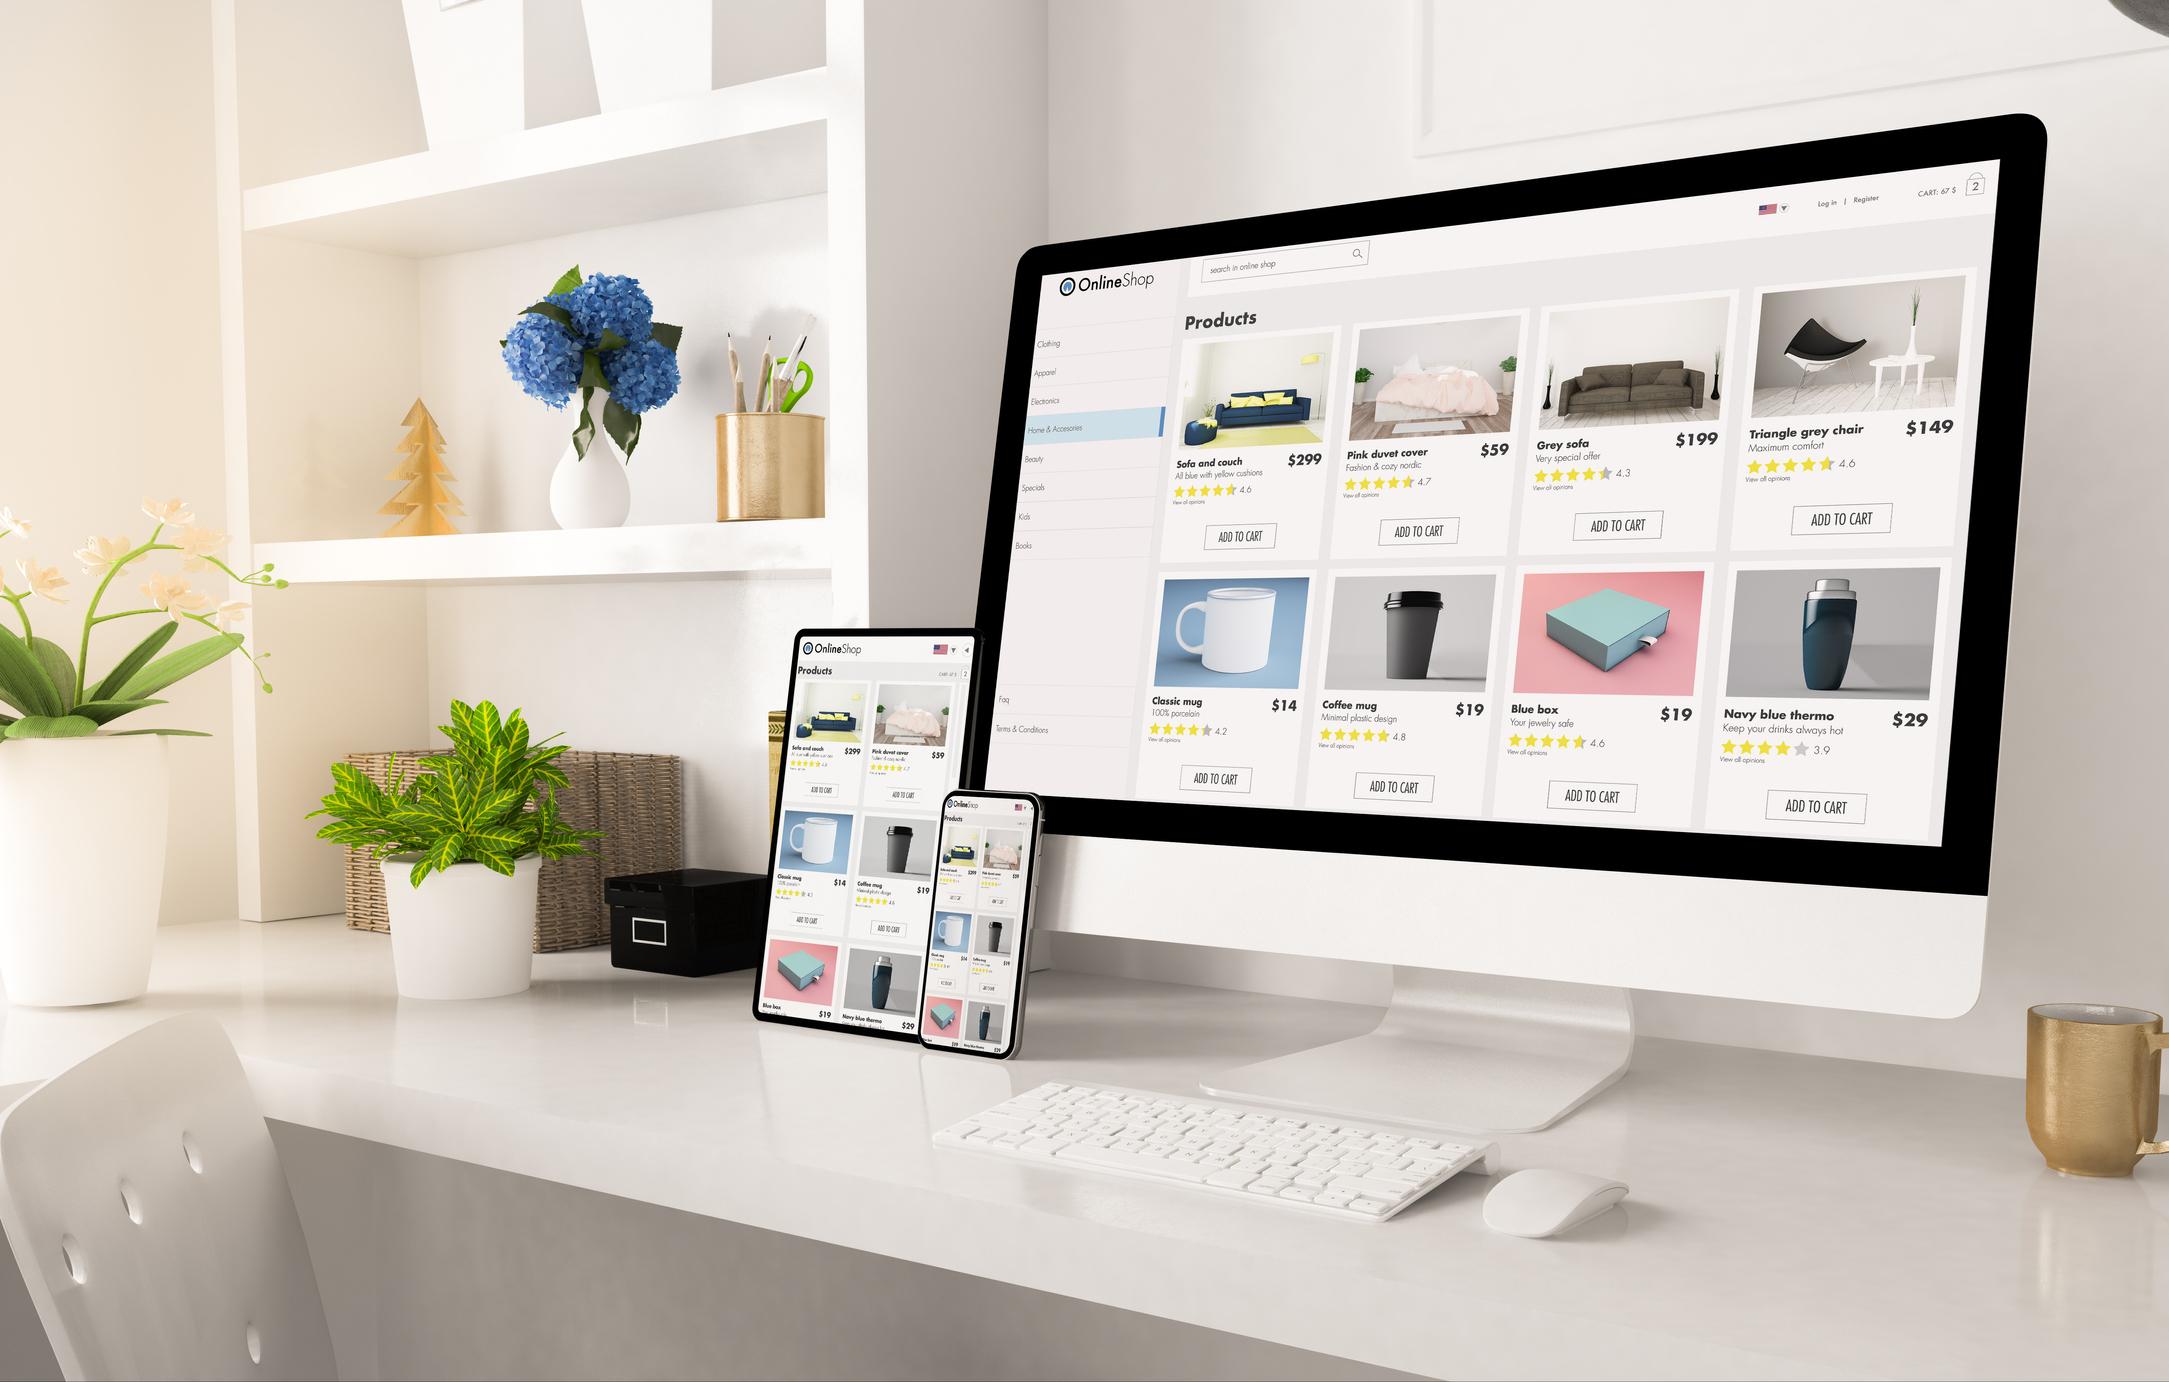 online shop website on home office setup 3d rendering